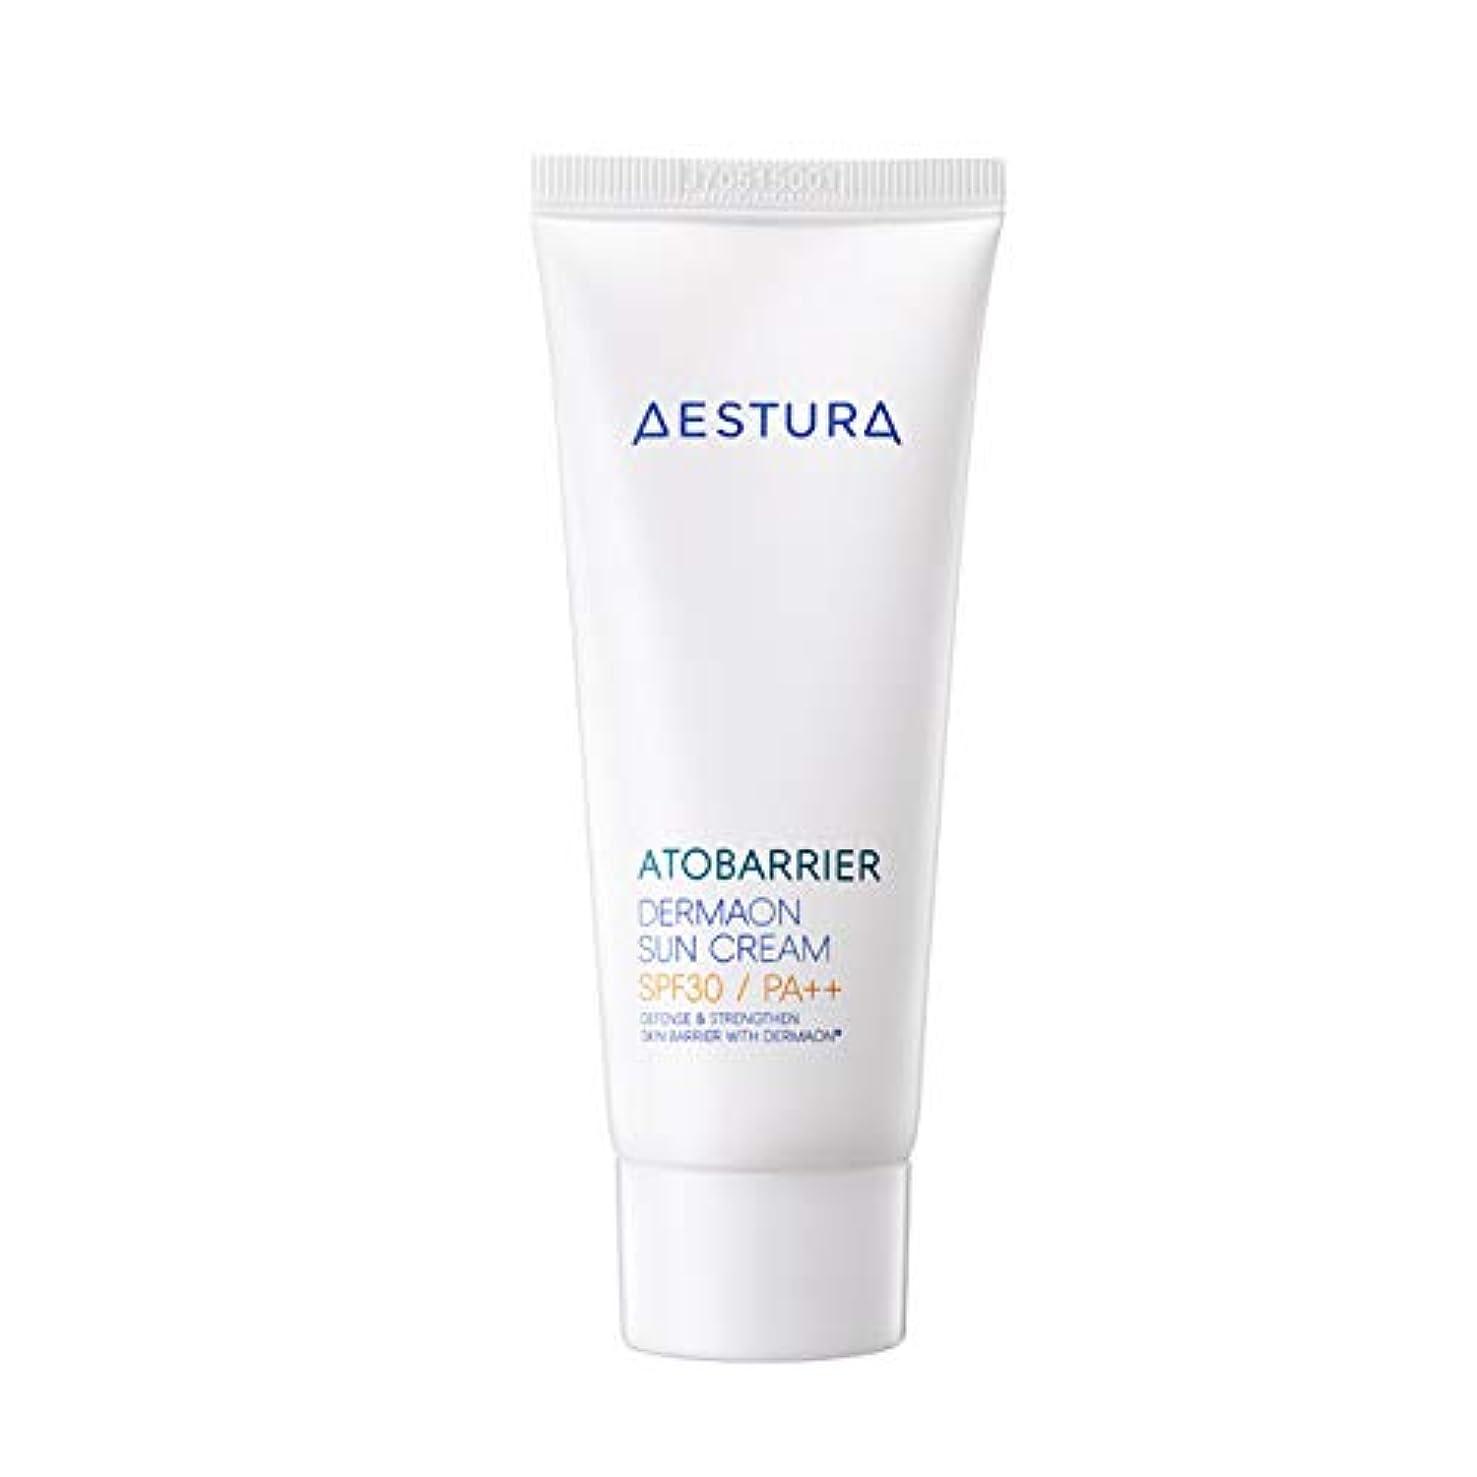 可愛い損傷電報AESTURA アトバリエ ダーマオン サンクリーム 60ml,SPF30 / PA++ Atobarrier Dermaon Sun Cream